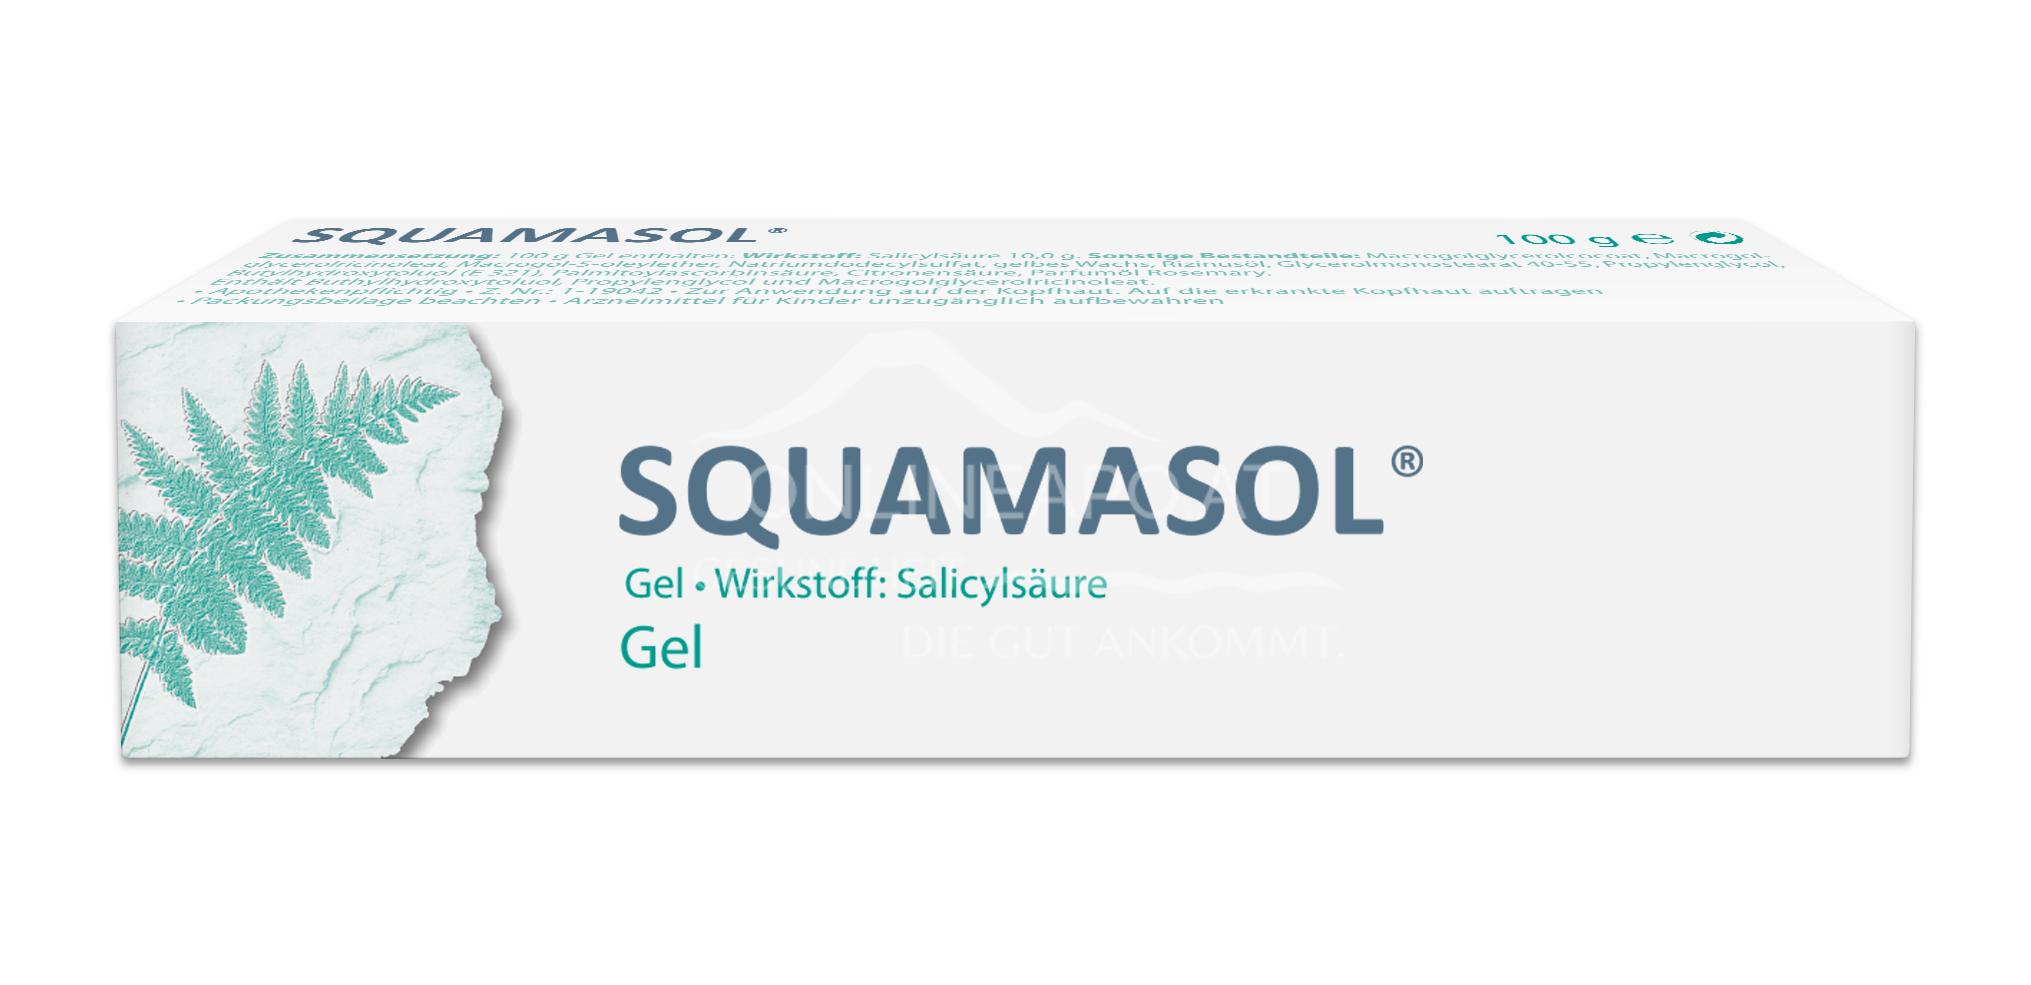 Squamasol® Gel